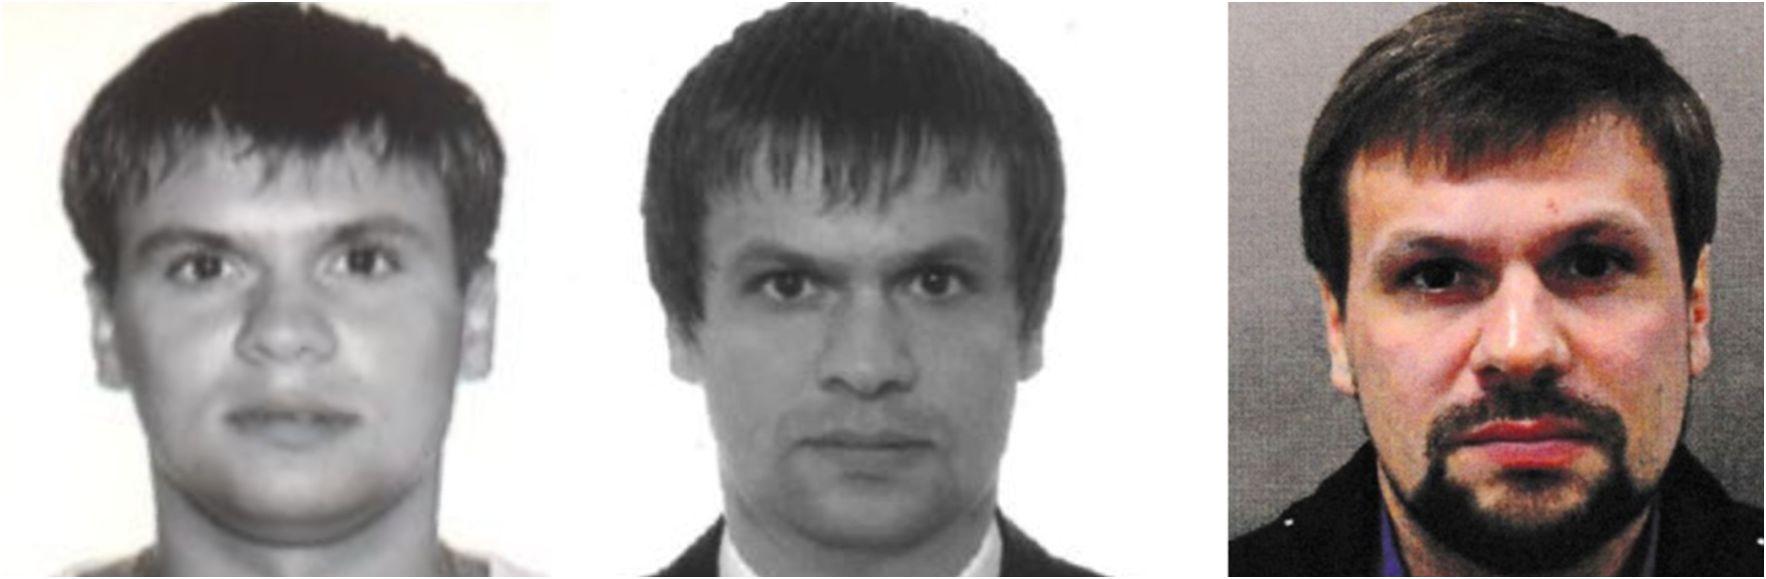 V. l. n. r. - Anatoli Tschepiga (russische Passdatenbank 2003), Ruslan Boschirow (russische Passdatenbank 2012) und Ruslan Boschirow (Fahndungsfoto der britischen Polizei 2018) / Quelle: The Insider/Bellingcat